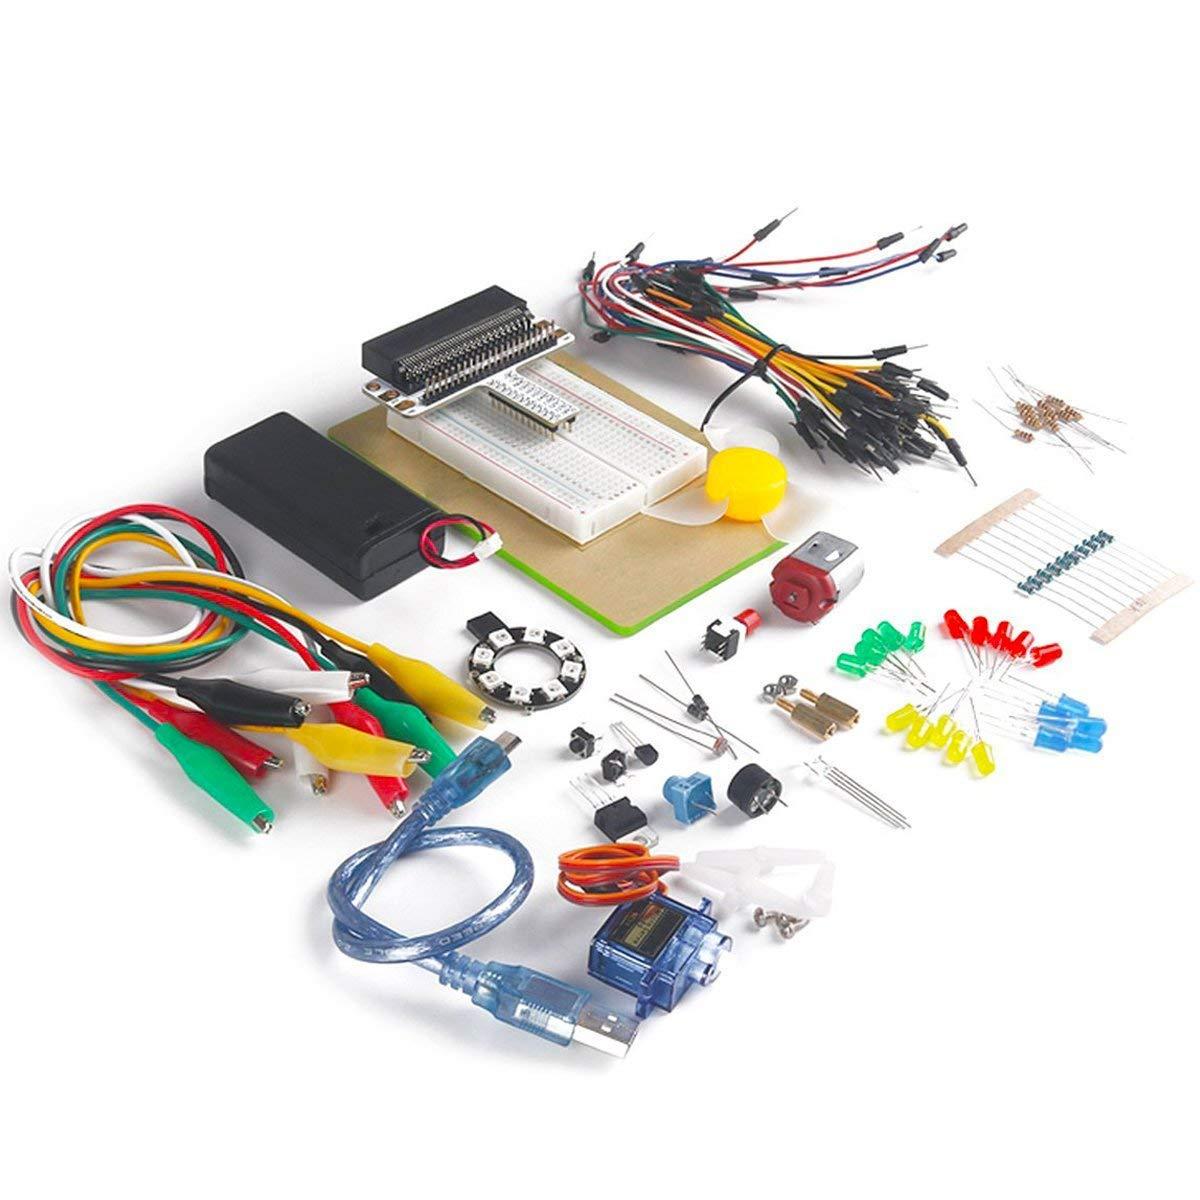 MakerHawk Micro: bit Starter Kit sans Carte de Développement Inclus Micro: bit Breadboard Adapter, Planche à Pain Transparent, SG-90 Mini Servo pour l'apprentissage et la Programmation Planche à Pain Transparent